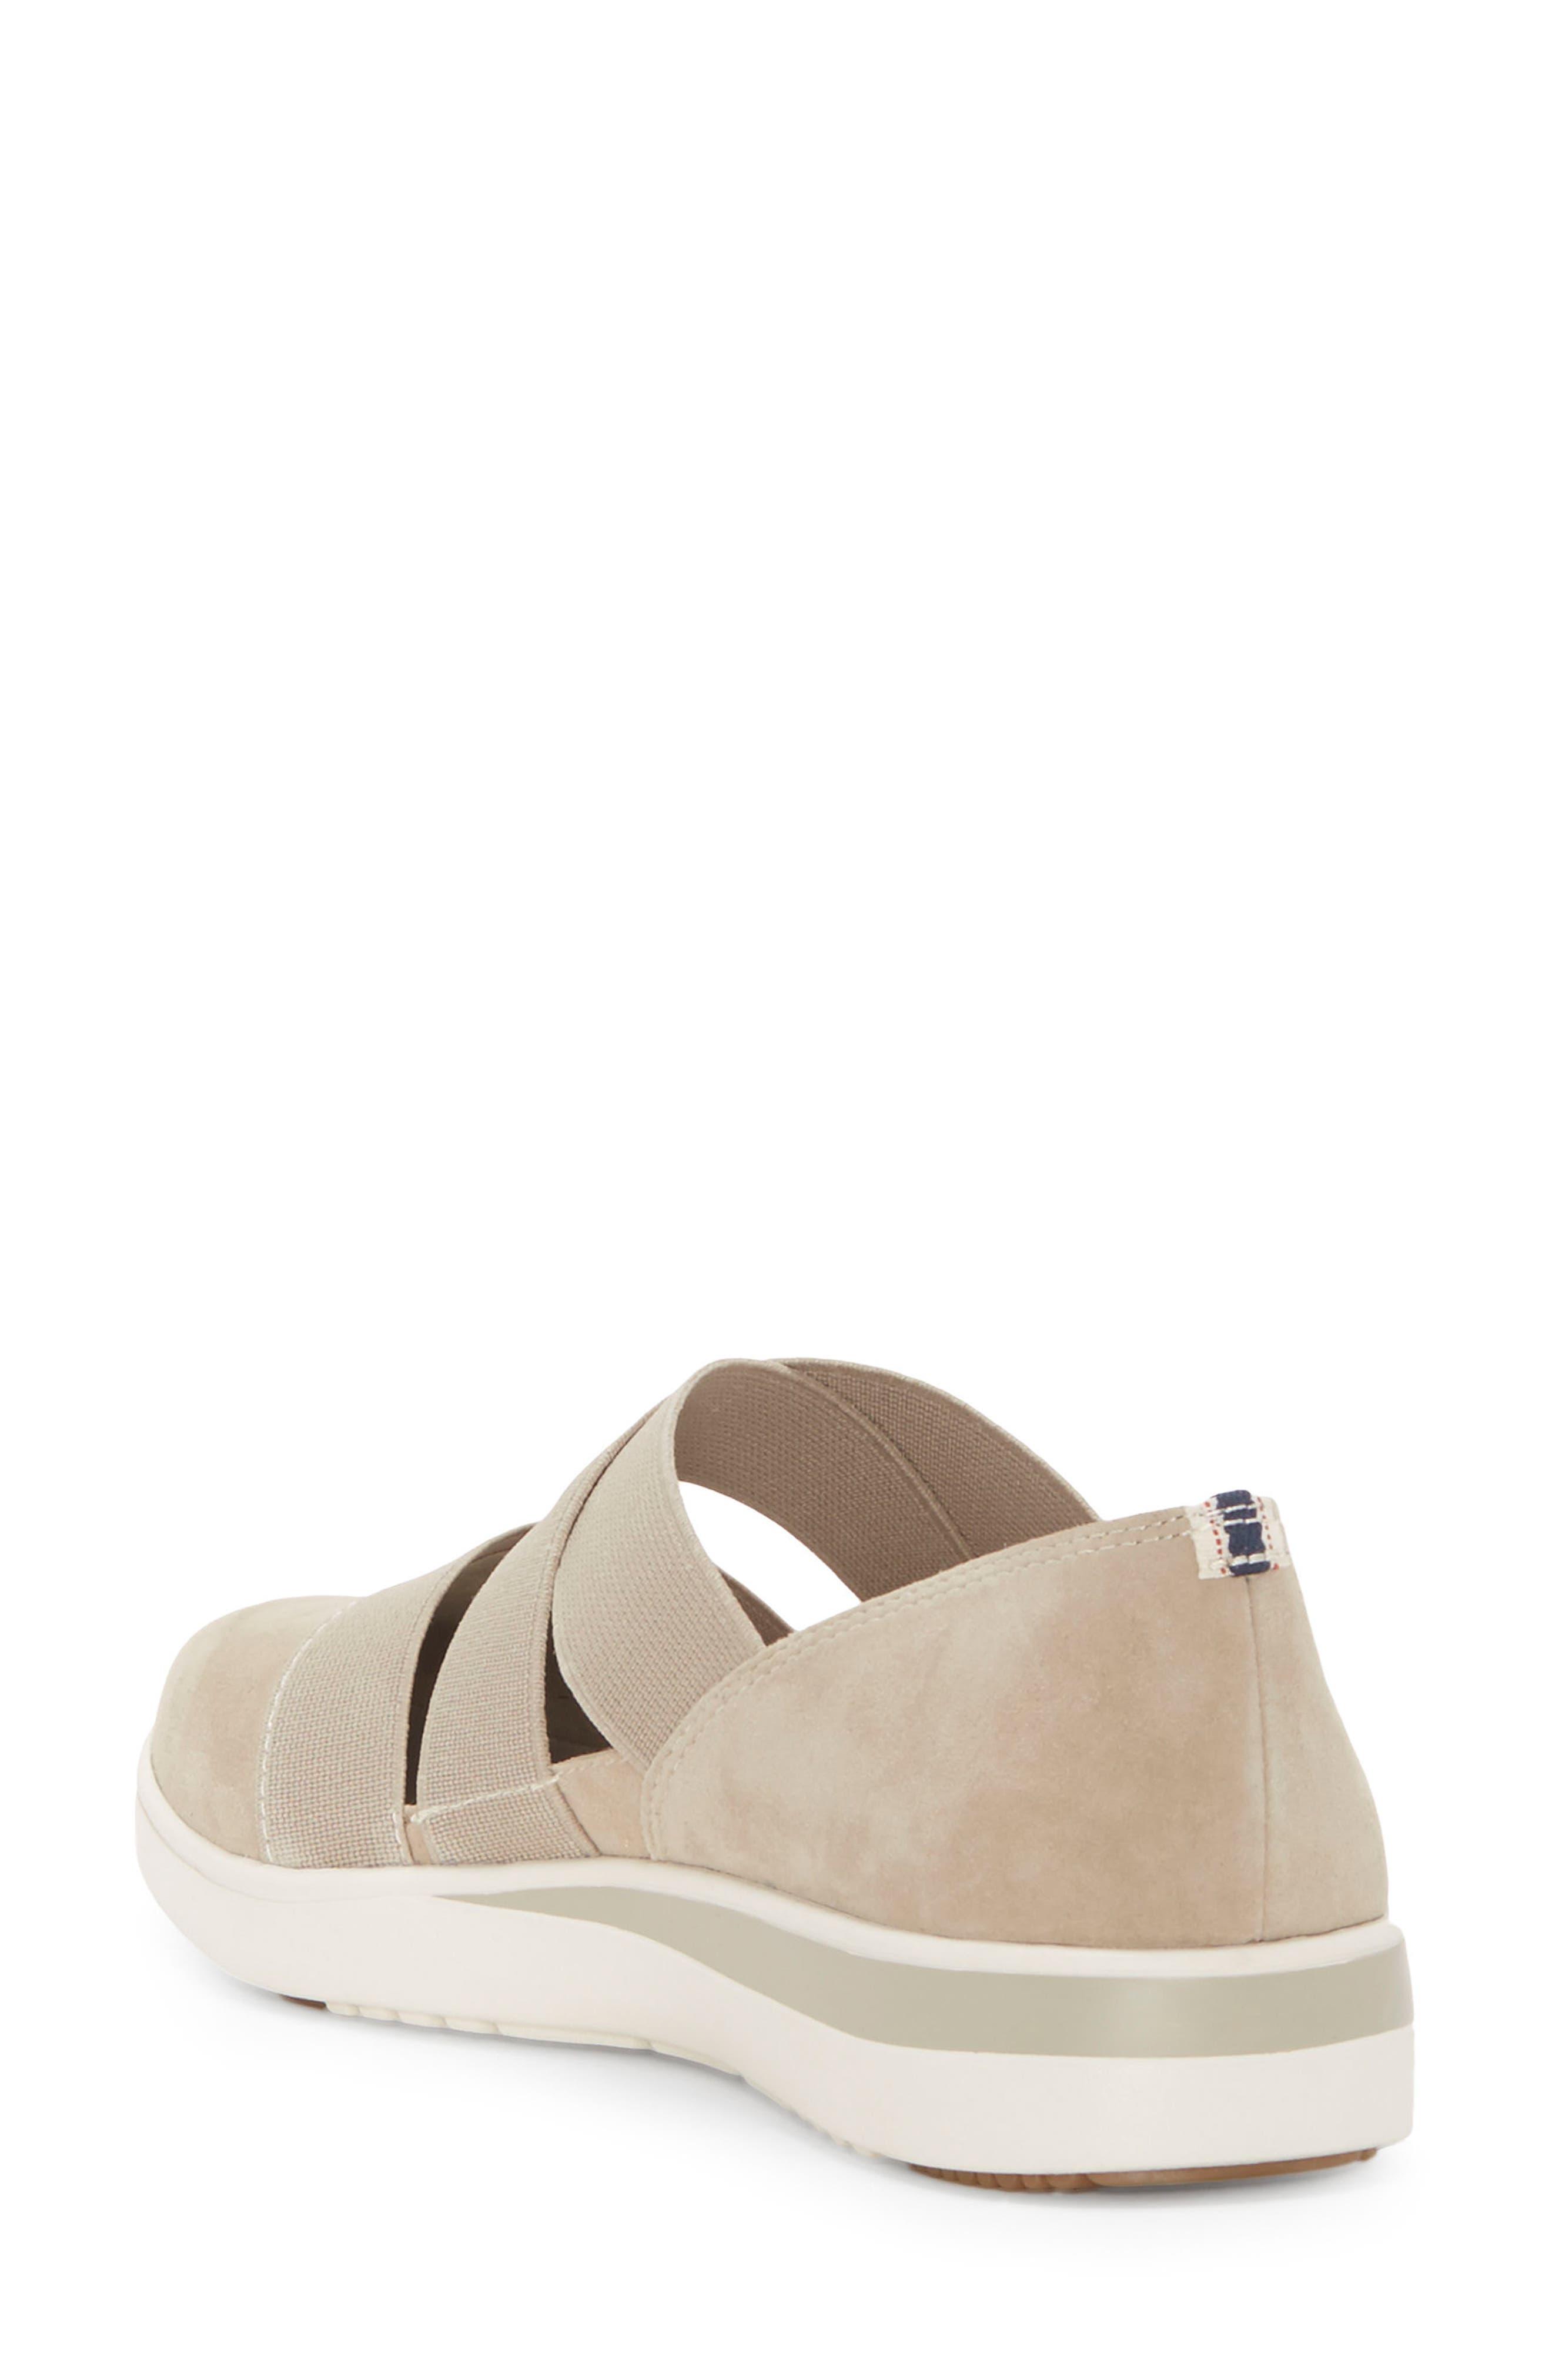 Alskara Slip-On Sneaker Flat,                             Alternate thumbnail 2, color,                             BRINDLE SUEDE